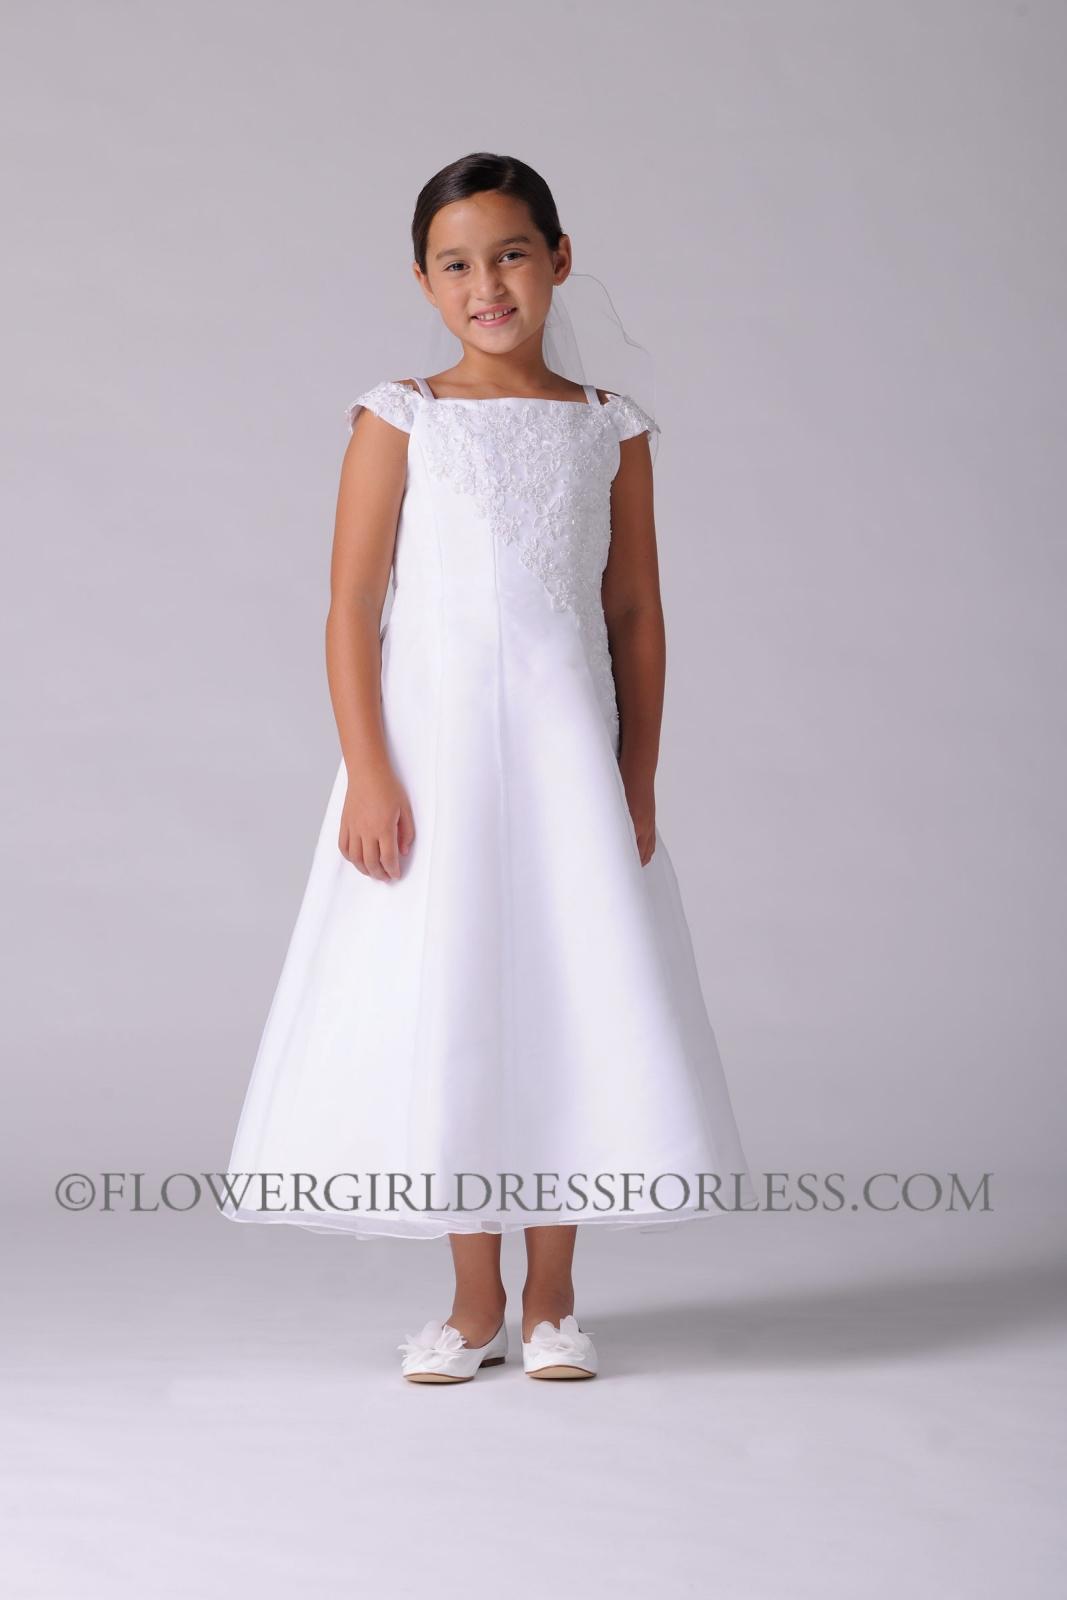 Simple White Dresses For Girls